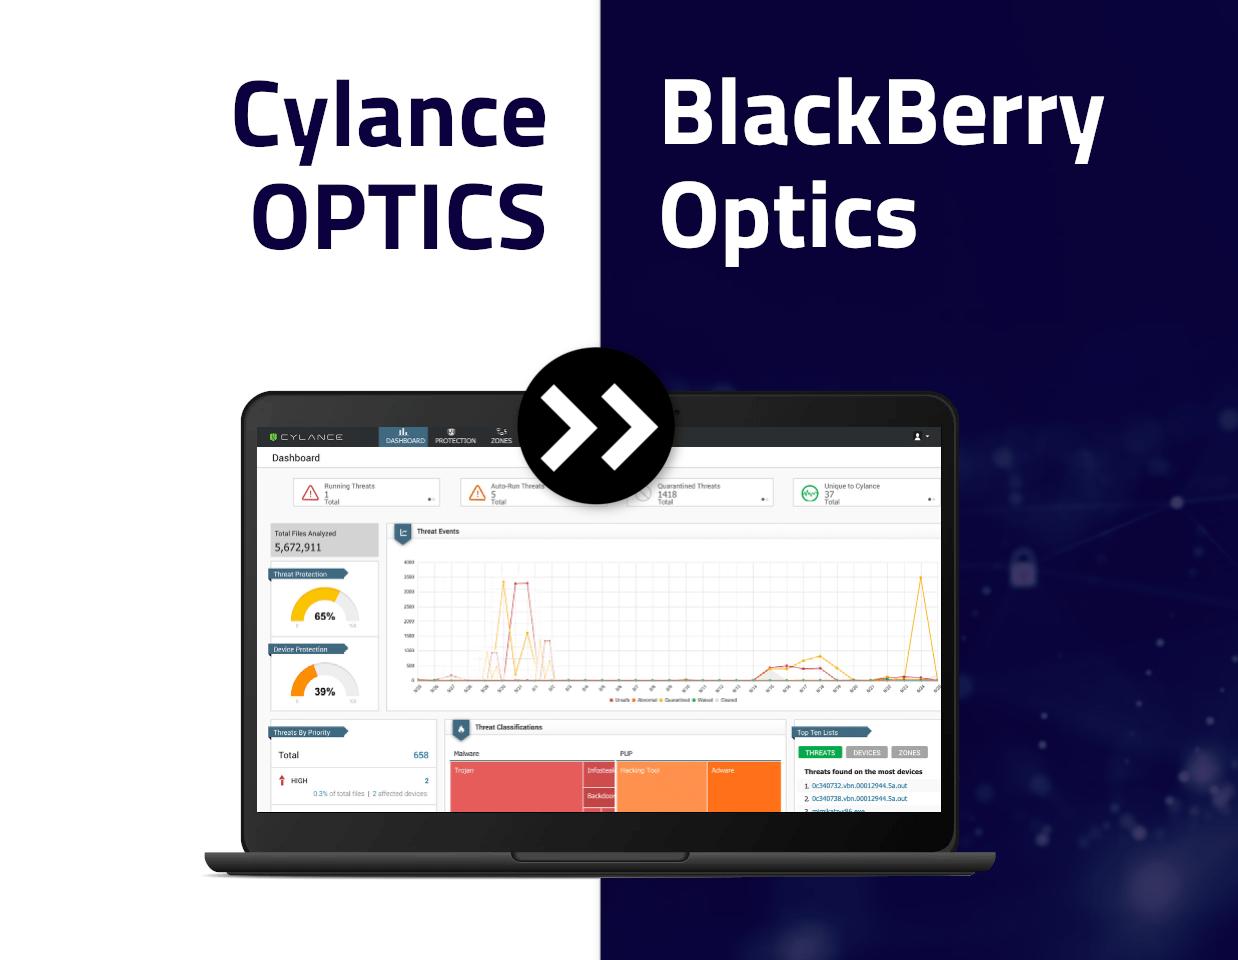 BlackBerry Optics